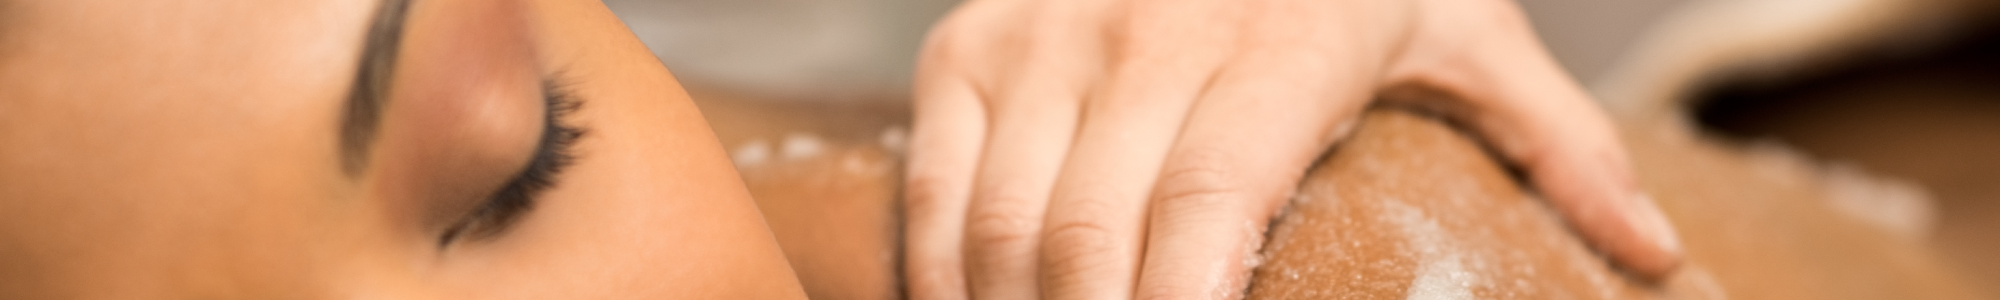 Gommage naturel pour le corps - Exfoliant naturel biologique